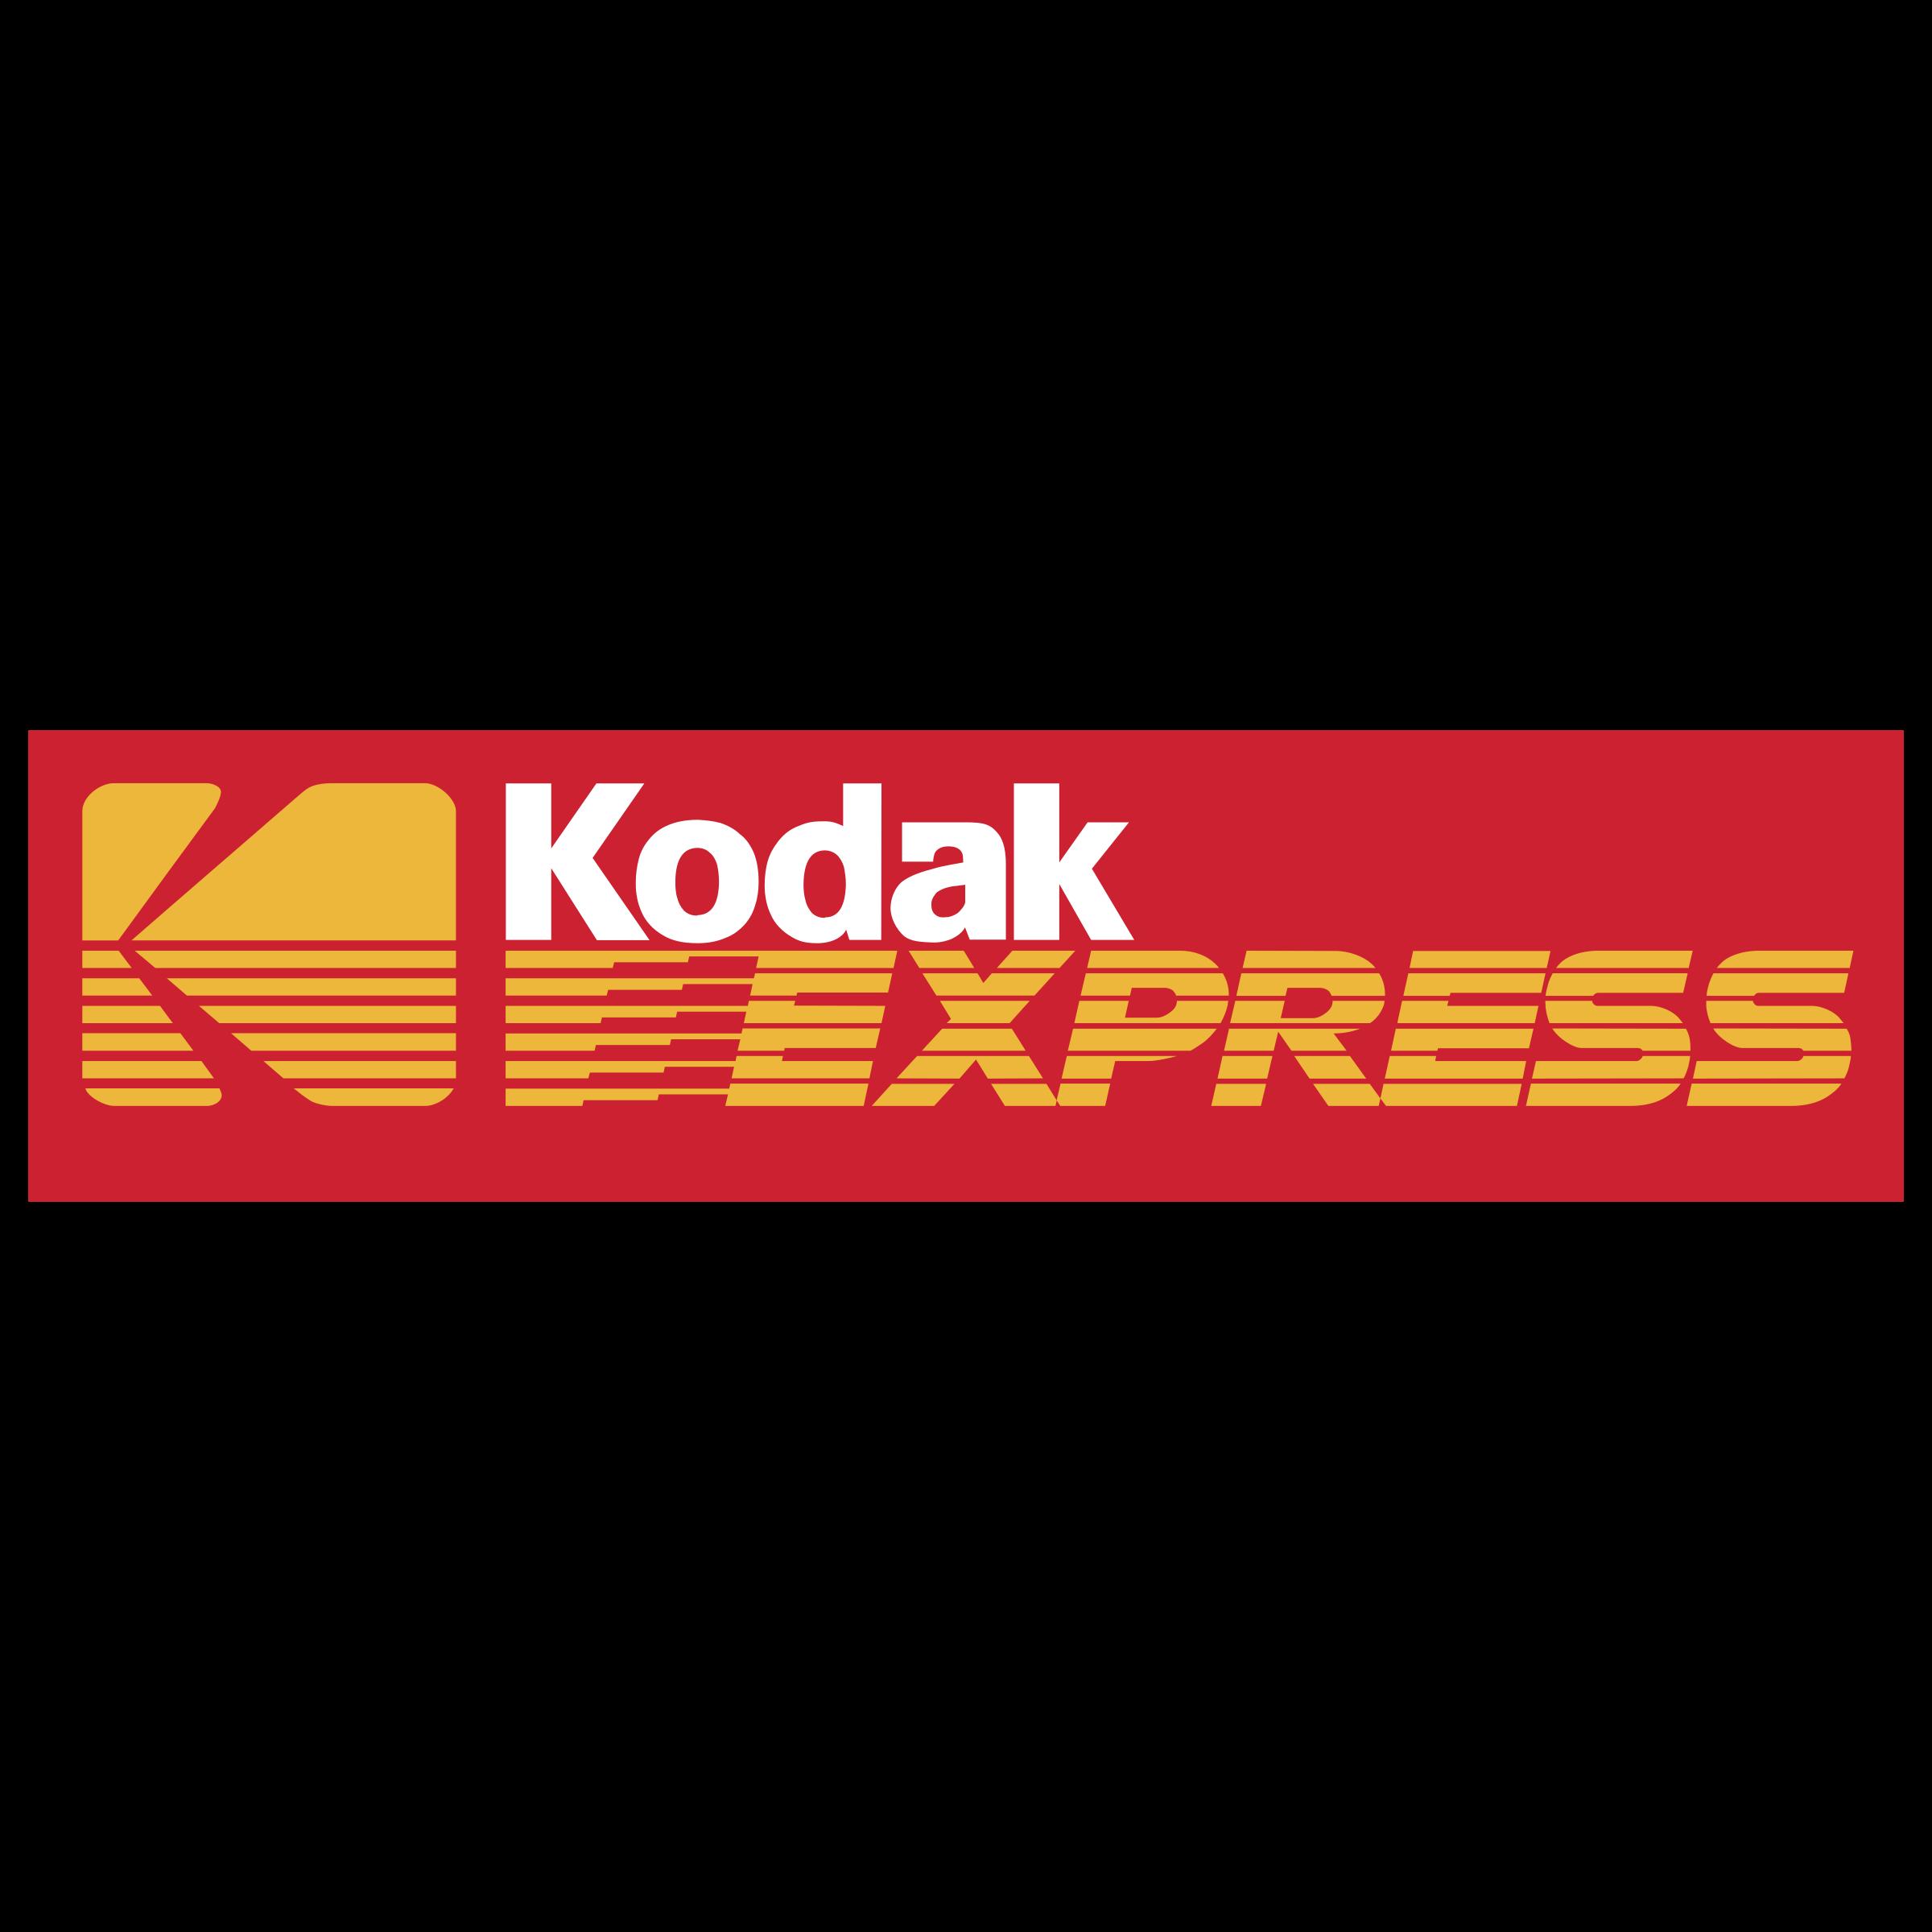 Kodak Express Logo PNG Transparent & SVG Vector.